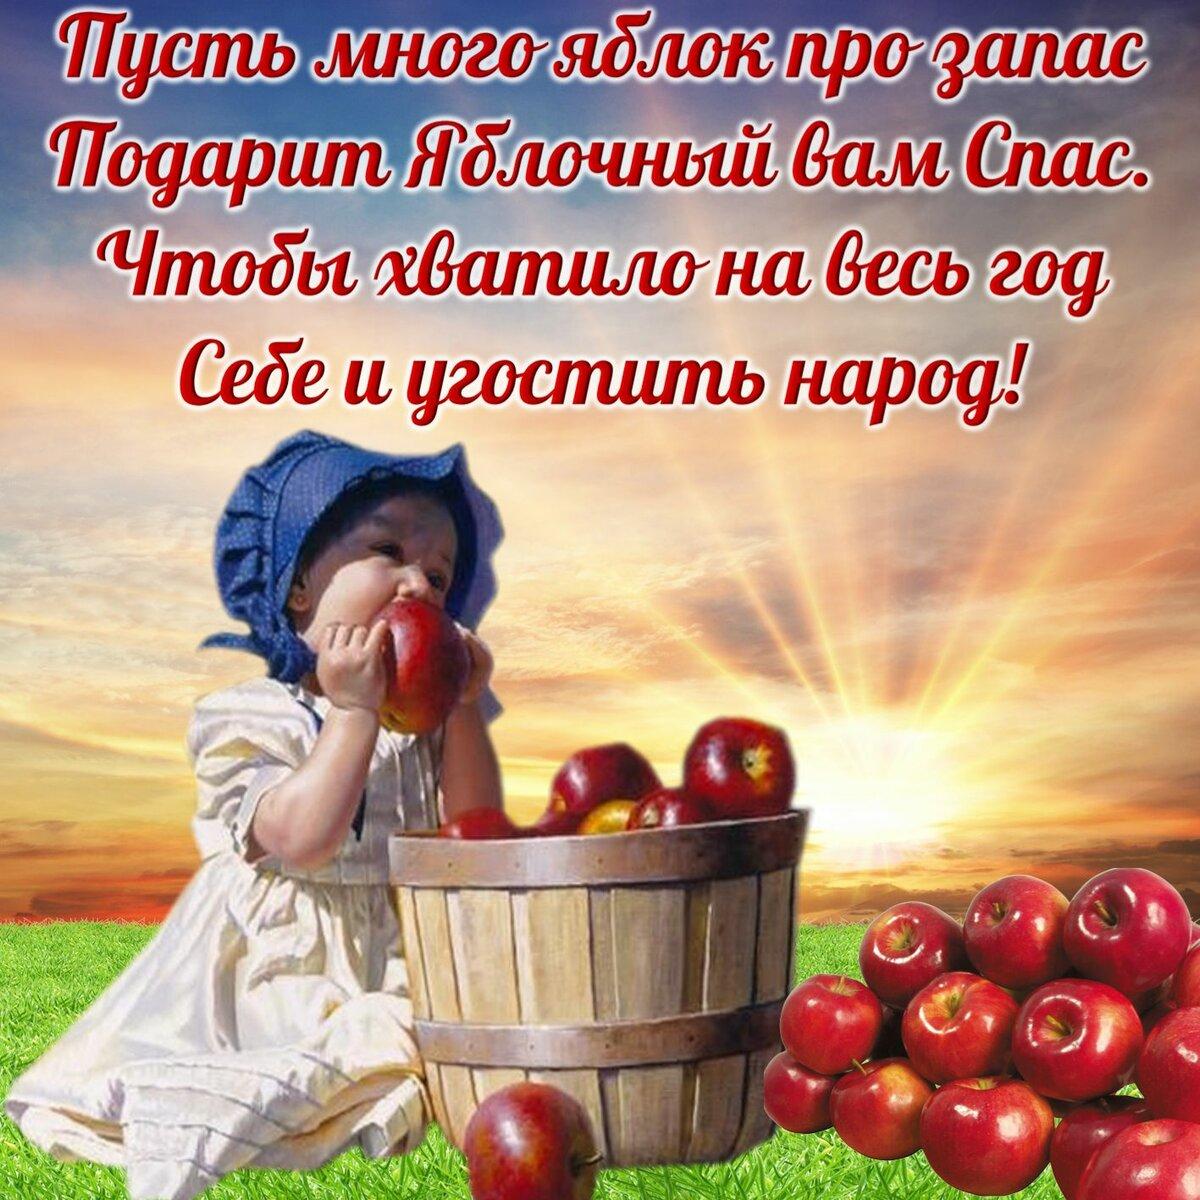 Открытка с яблочным спасом в стихах, днем рождения картинках